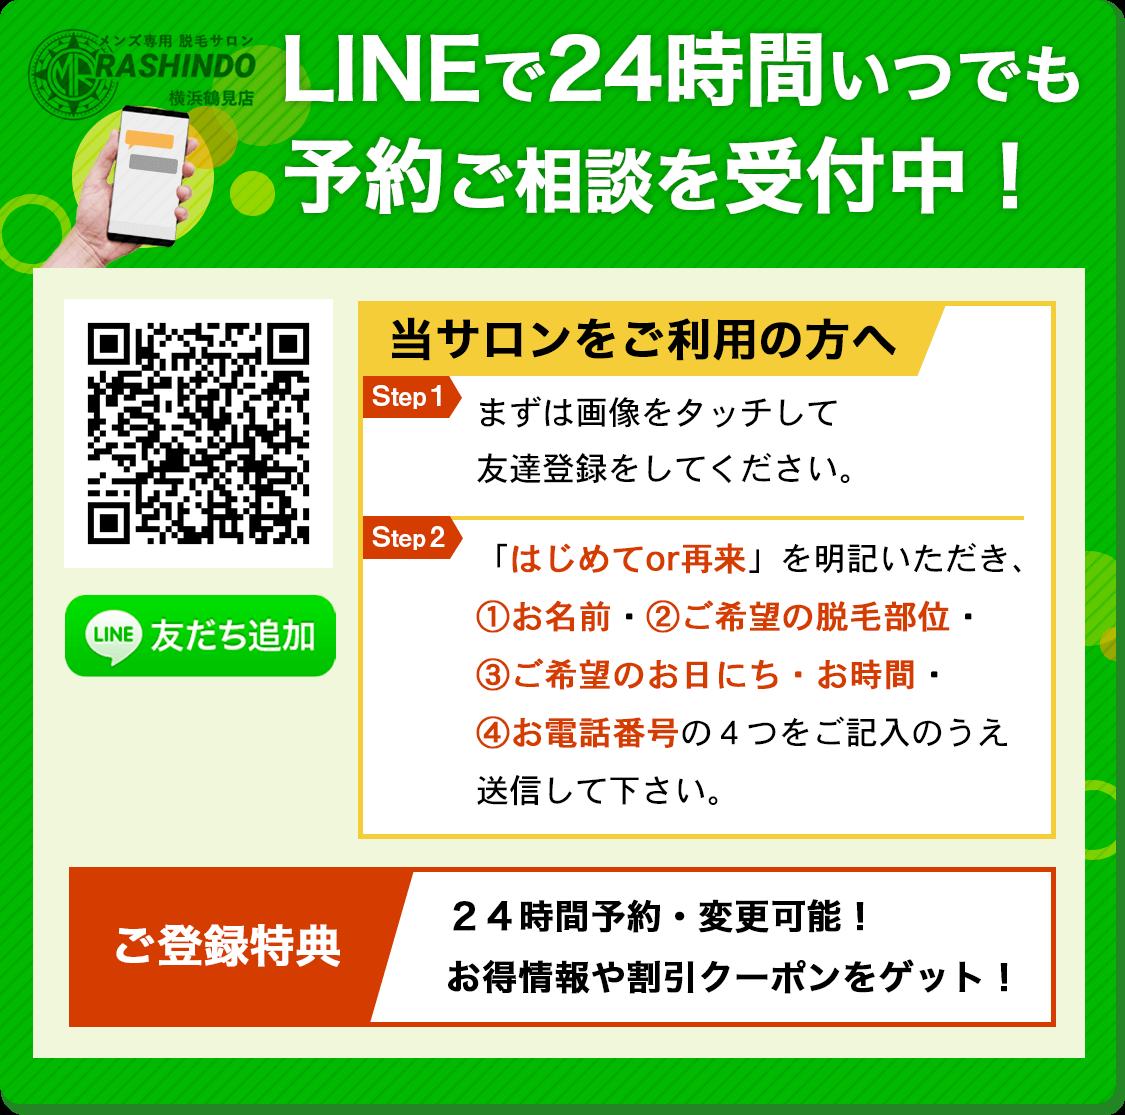 メンズ脱毛サロンRASHINDO横浜鶴見店では、LINEで24時間いつでも予約ご相談を受付中!